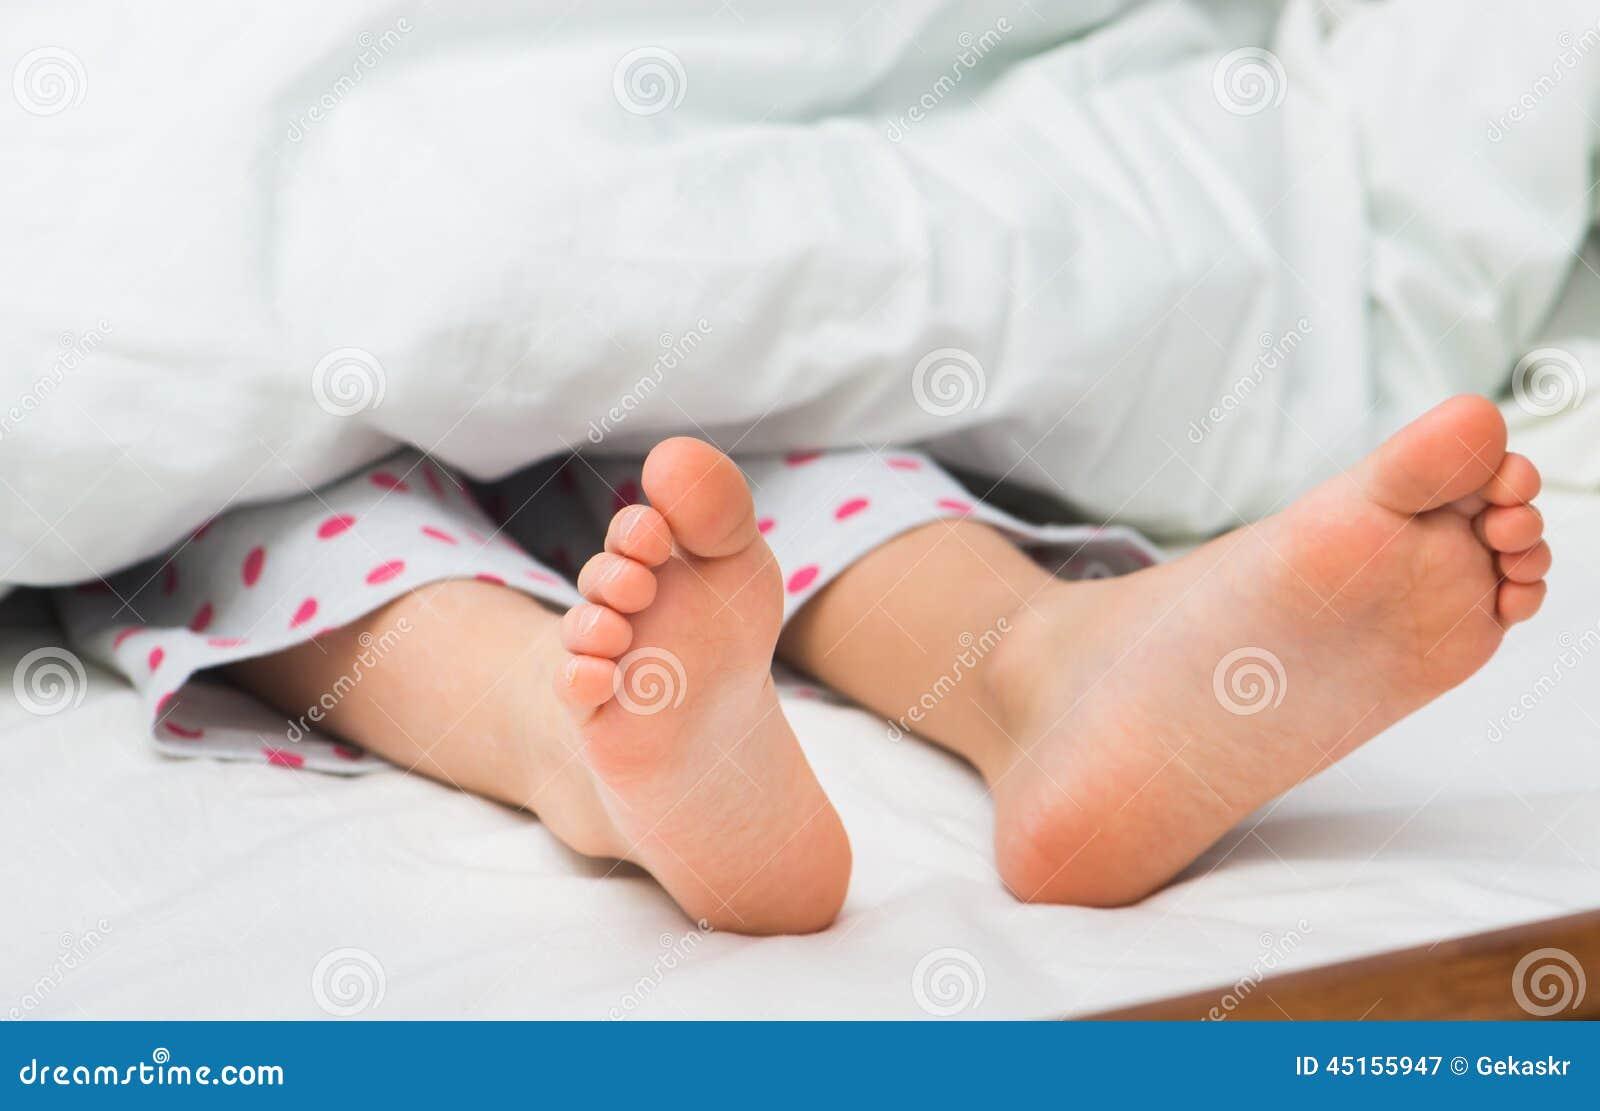 sexy jeune fille nue dans son lit et garon Photo #2990640